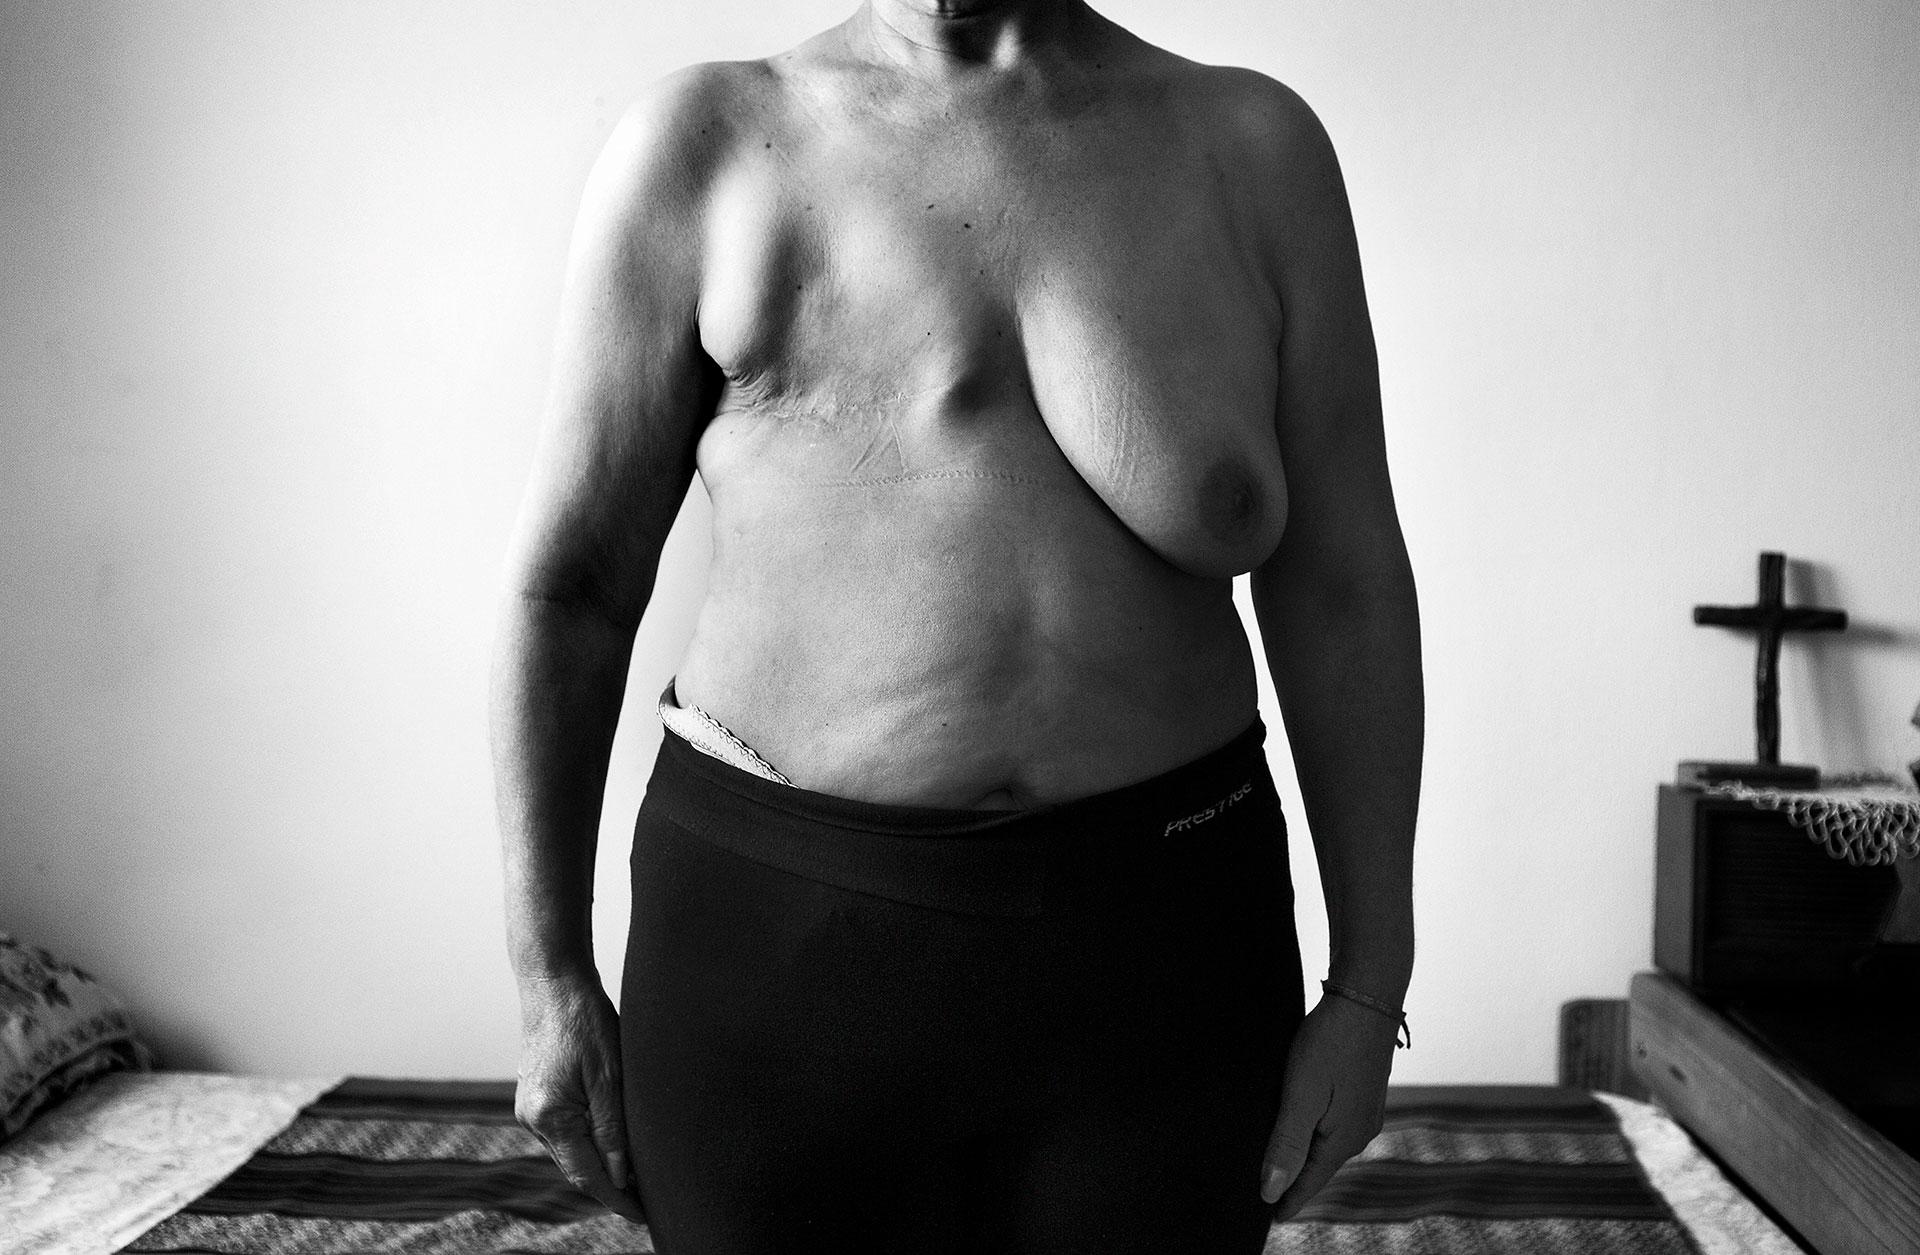 9-2015. Monte Maíz, Córdoba. En el pueblo de Monte Maíz, la Universidad de Córdoba realizó estudios socio-ambientales que revelaron el aumento de la incidencia de enfermedades oncológicas vinculadas a la contaminación. La incidencia en el pueblo es tres veces superior a la de la provincia y a la de la nación. La investigación reveló una enorme incidencia de cáncer entre la población, unos 707 casos por cada 100.000 personas, comparados con los 264 casos de la provincia o los 217 de Argentina. El cáncer es la primera causa de mortalidad en Monte Maíz y supuso el 33.4% del total en 2014. La media de Argentina se sitúa en un 20%, por detrás de las enfermedades cardiovasculares.